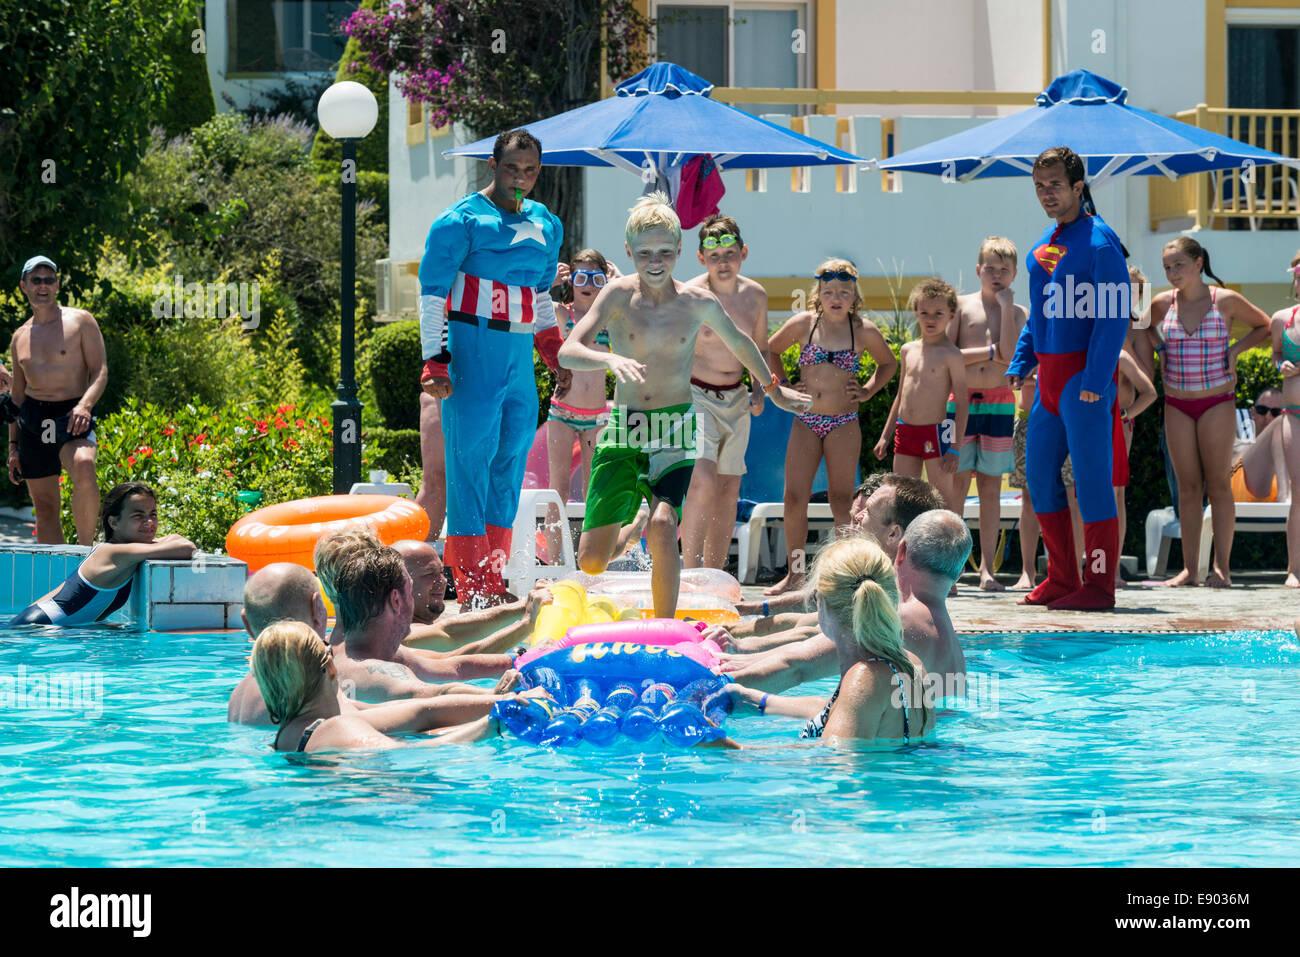 Maison de spectacle et des enfants qui jouent un jeu dans une piscine, Mastichari, Kos, Grèce Banque D'Images